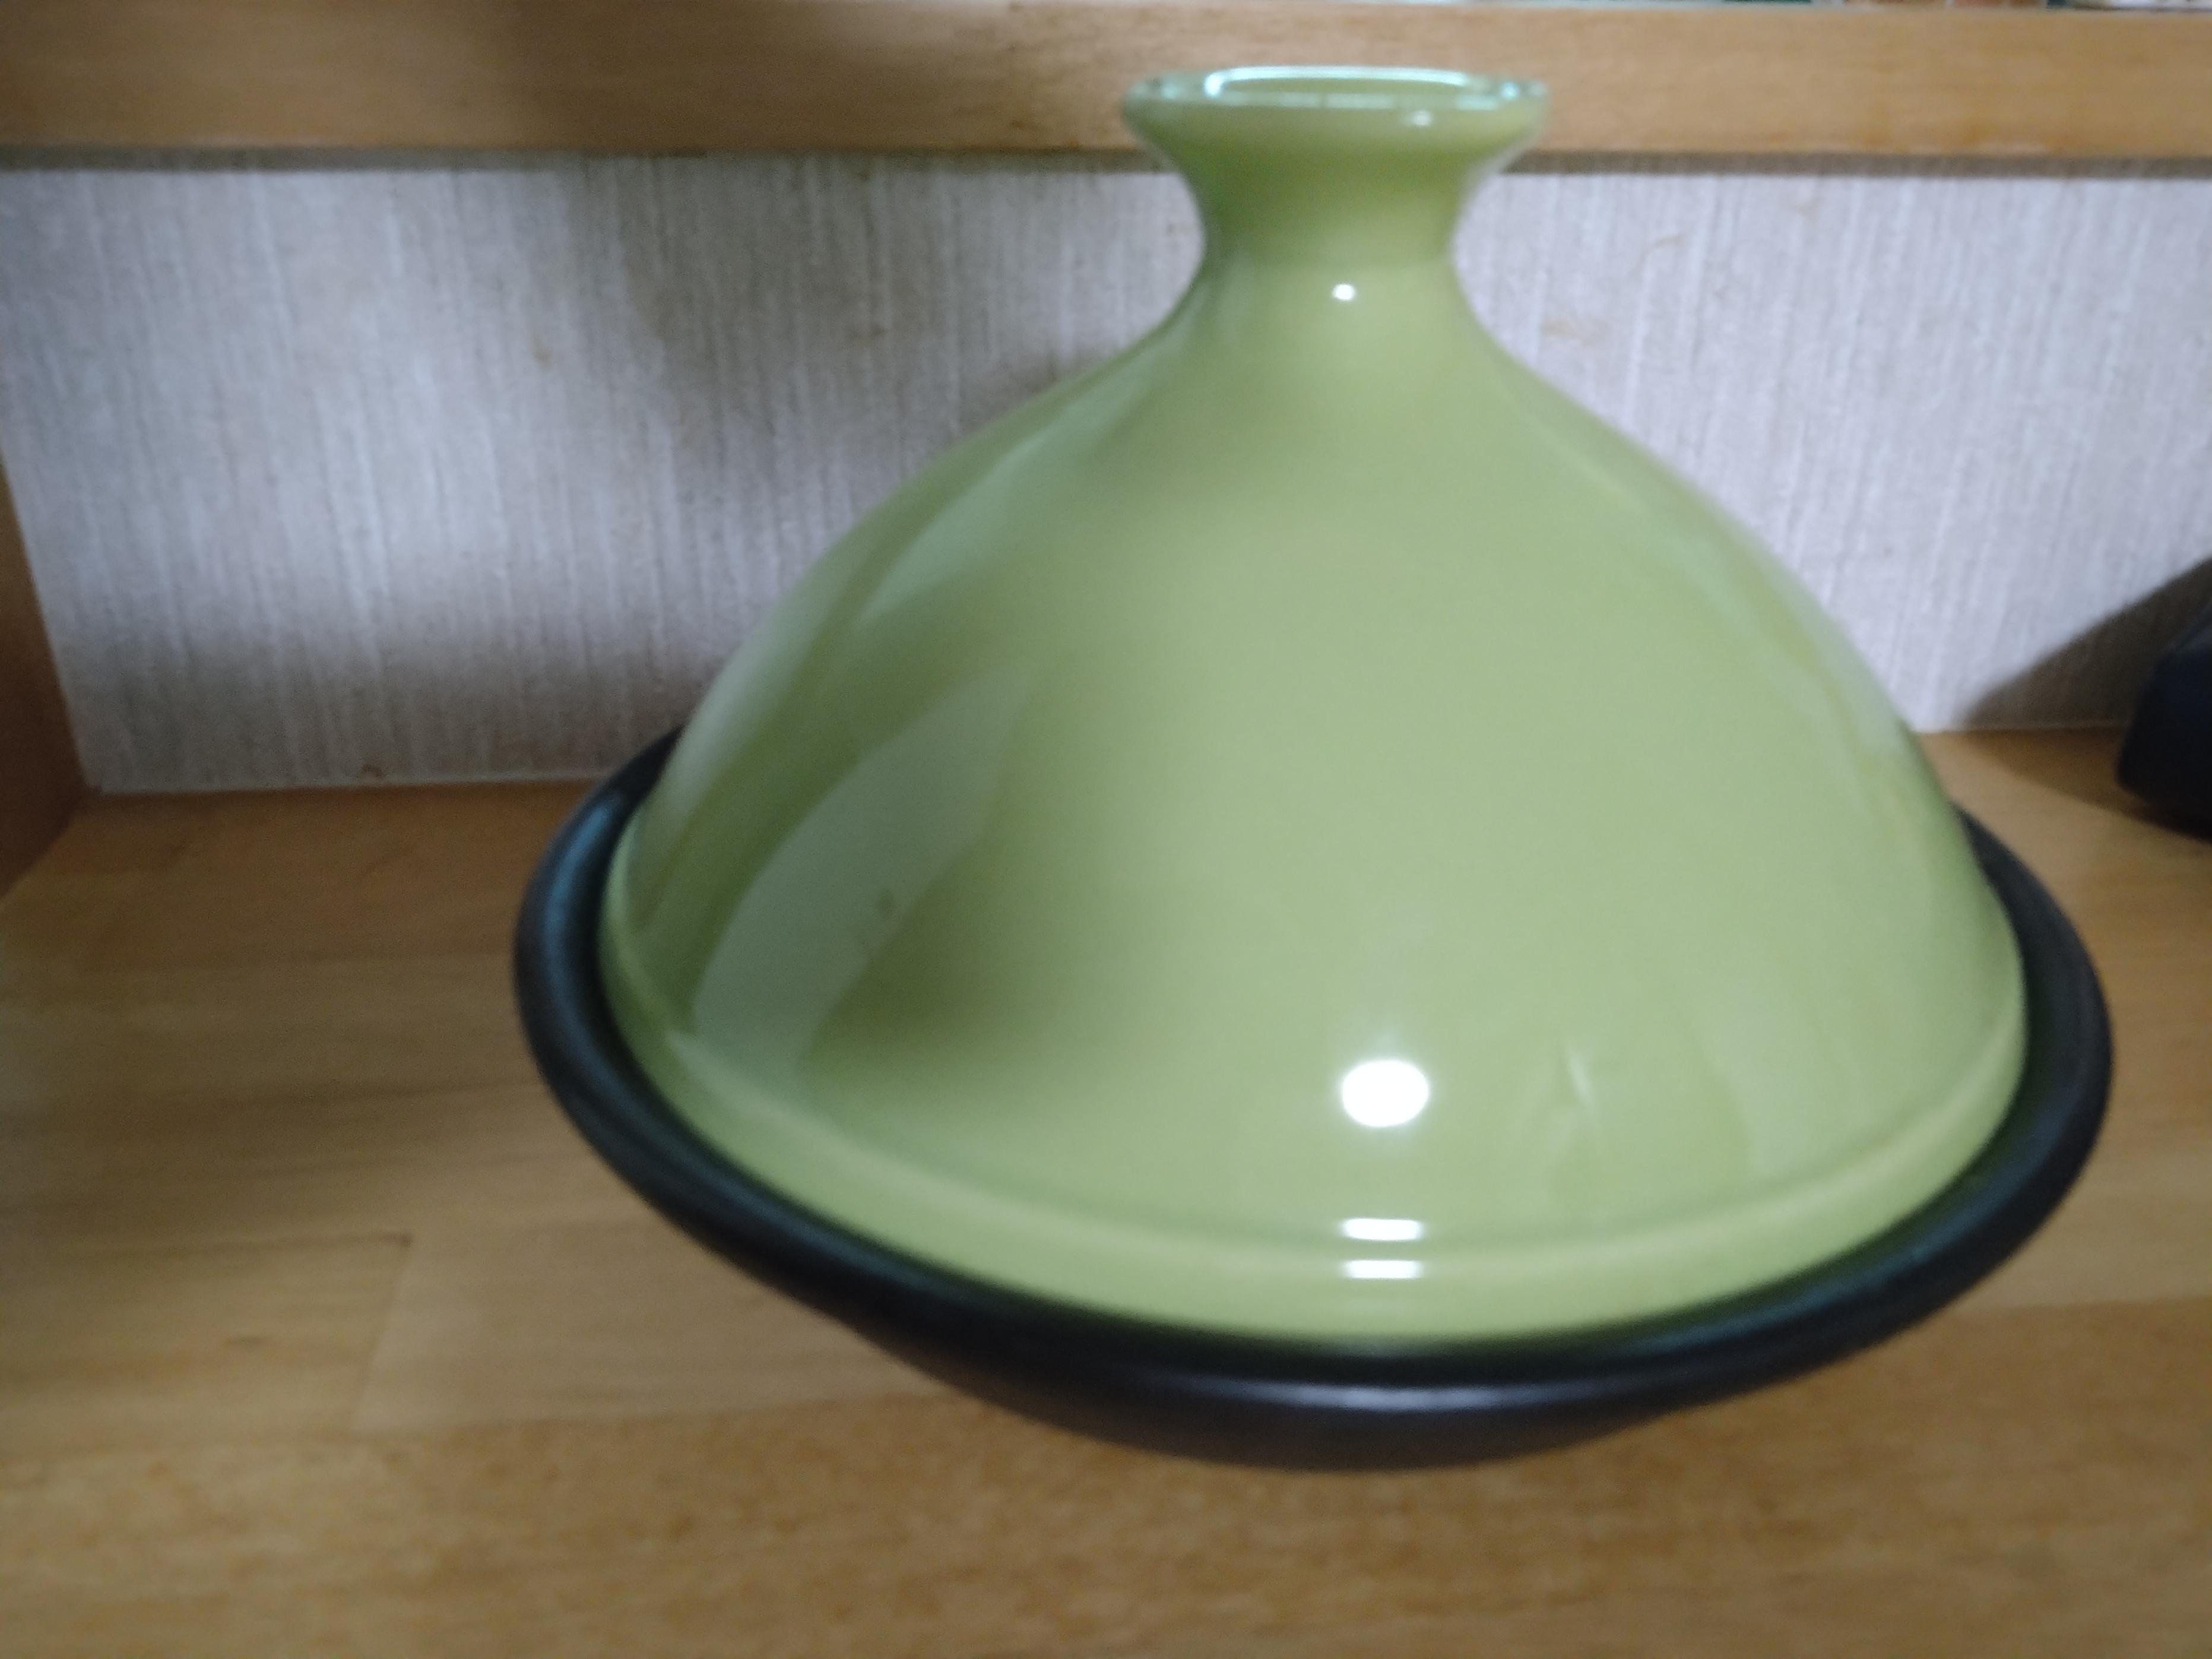 Cooking Plus(クッキングプラス) タジン鍋 (M) 21cm レッドに関する宮里なつきさんの口コミ画像1